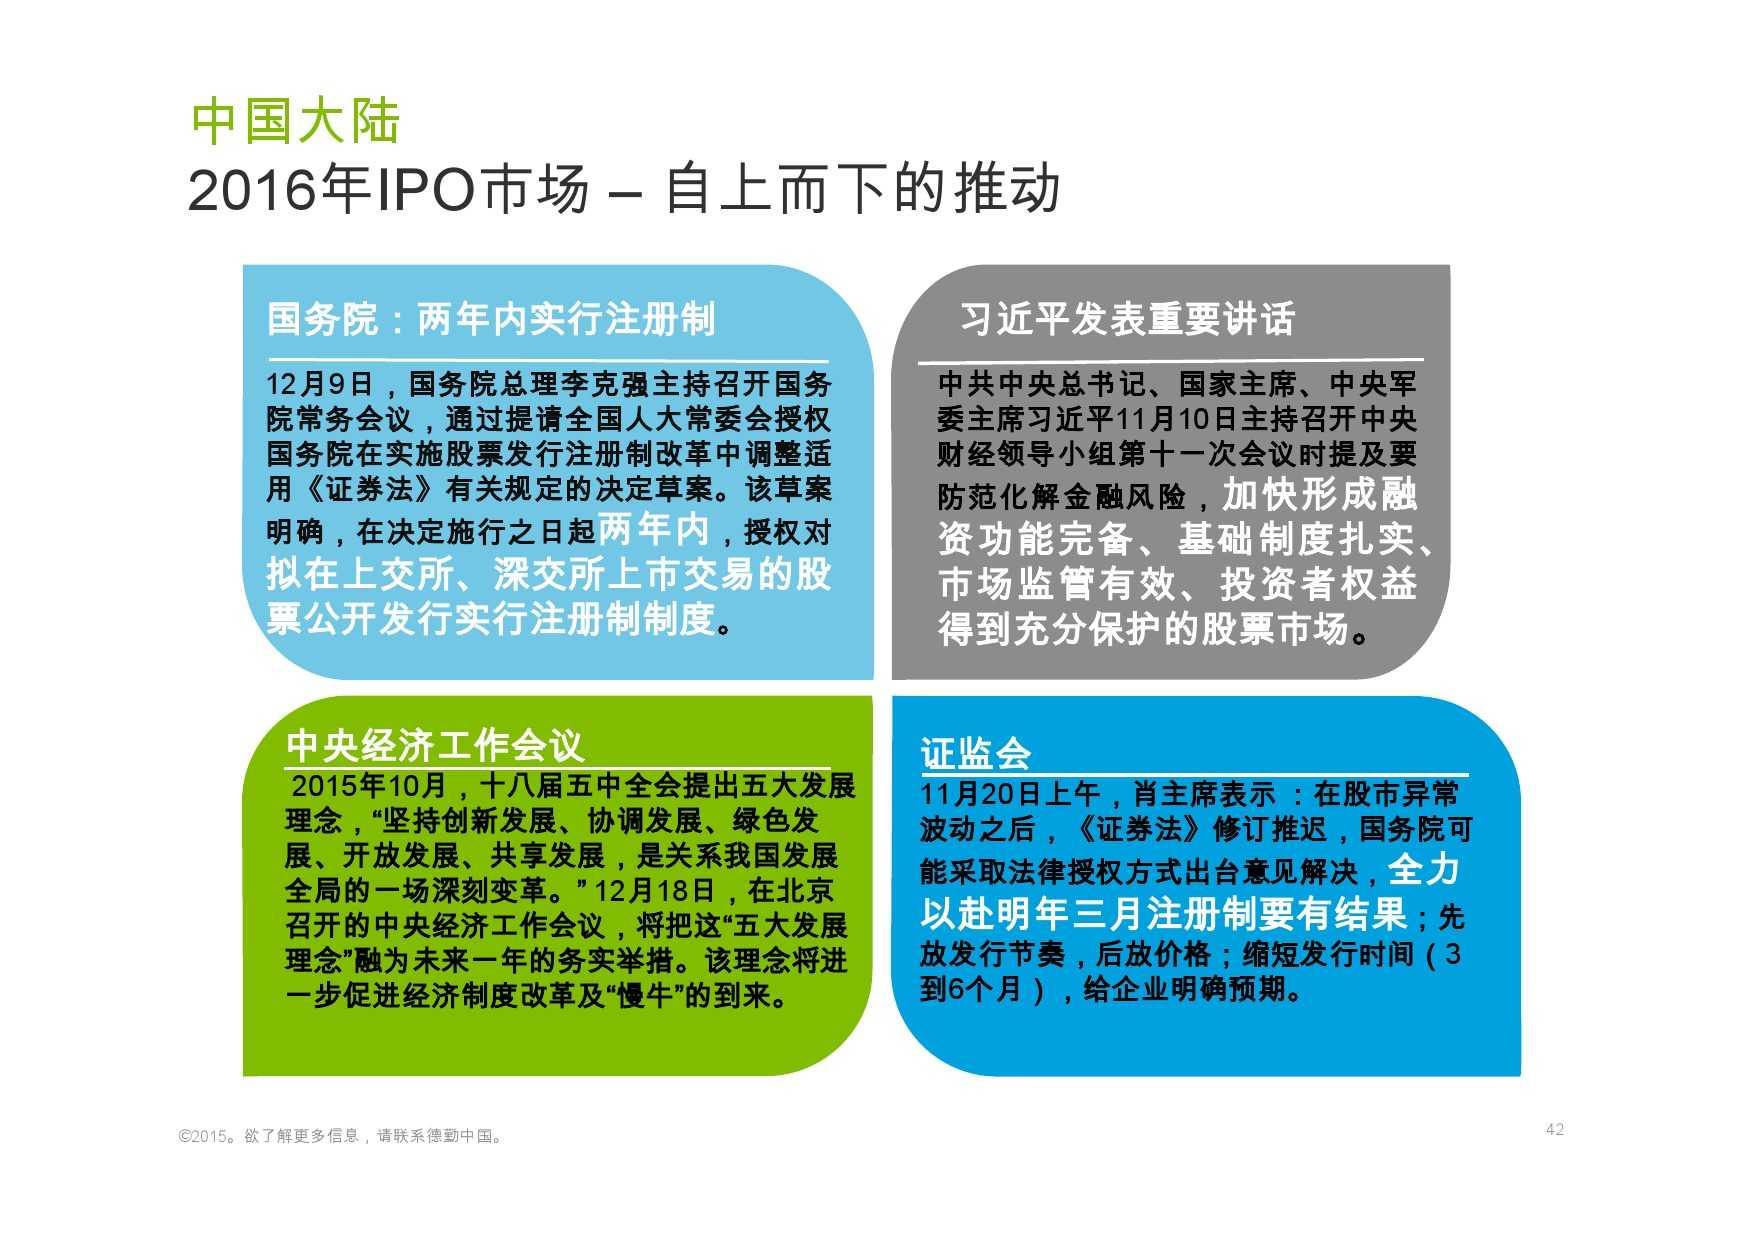 德勤:香港及中国大陆IPO巿场2015年回顾与2016年展望_000042